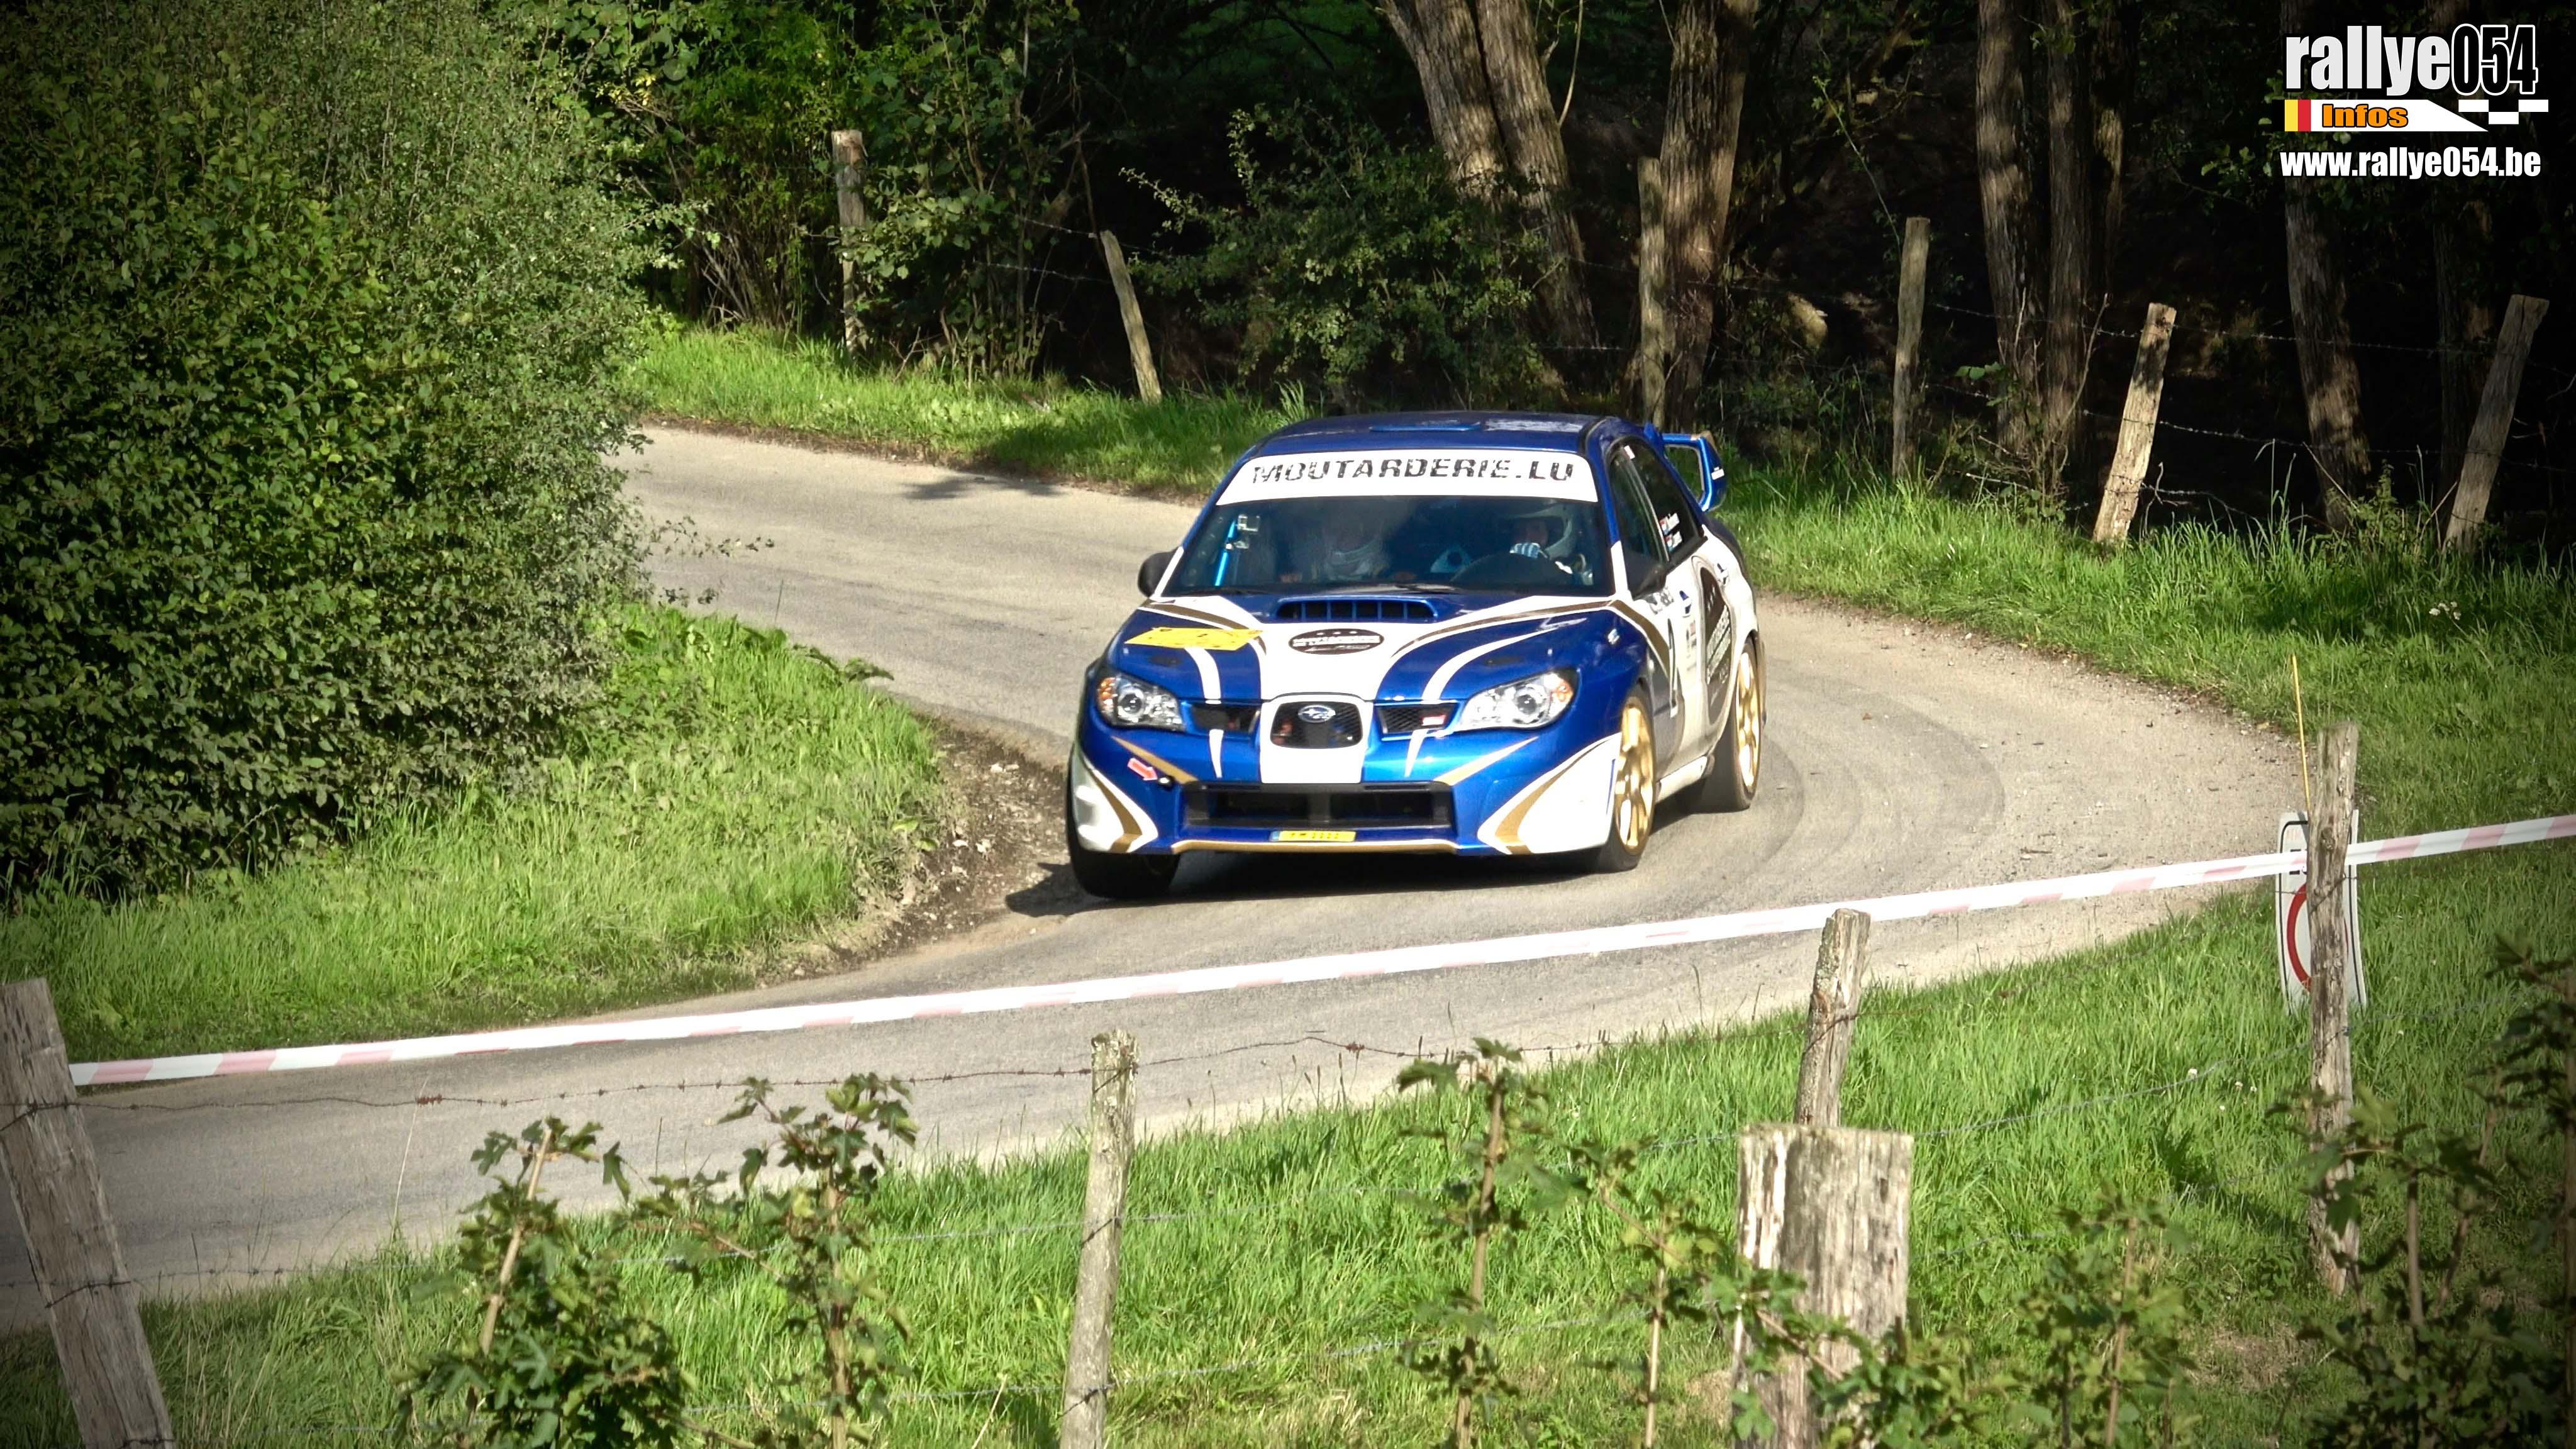 Rallye de la Famenne 2017 Munhowen